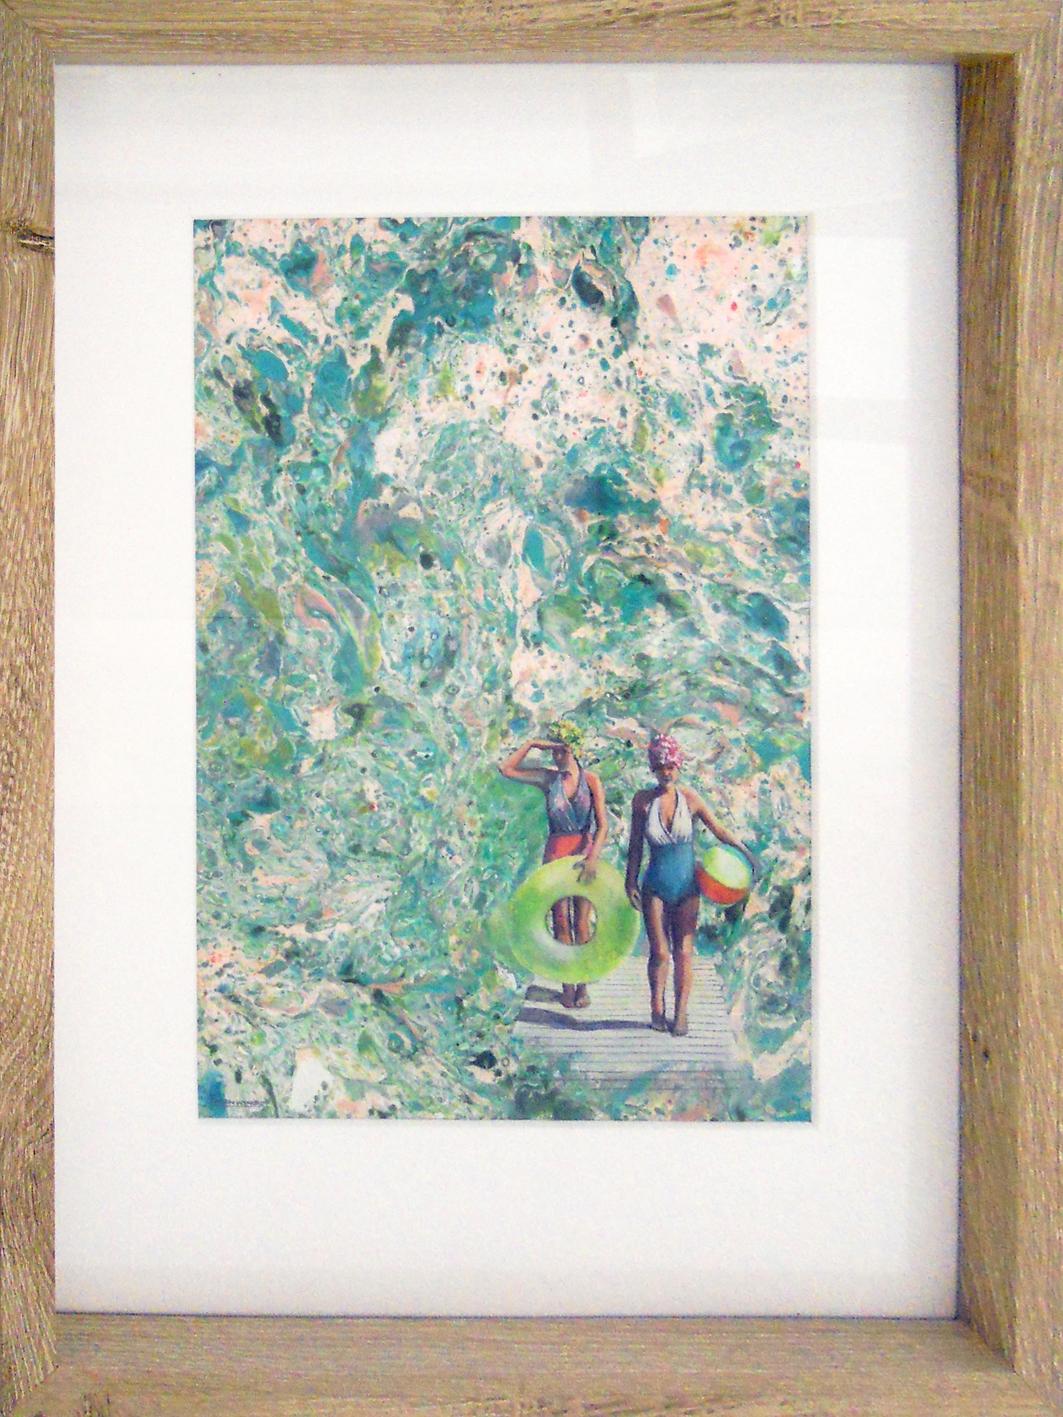 The Studio Art Gallery - Aquarius II by Karen Wykerd